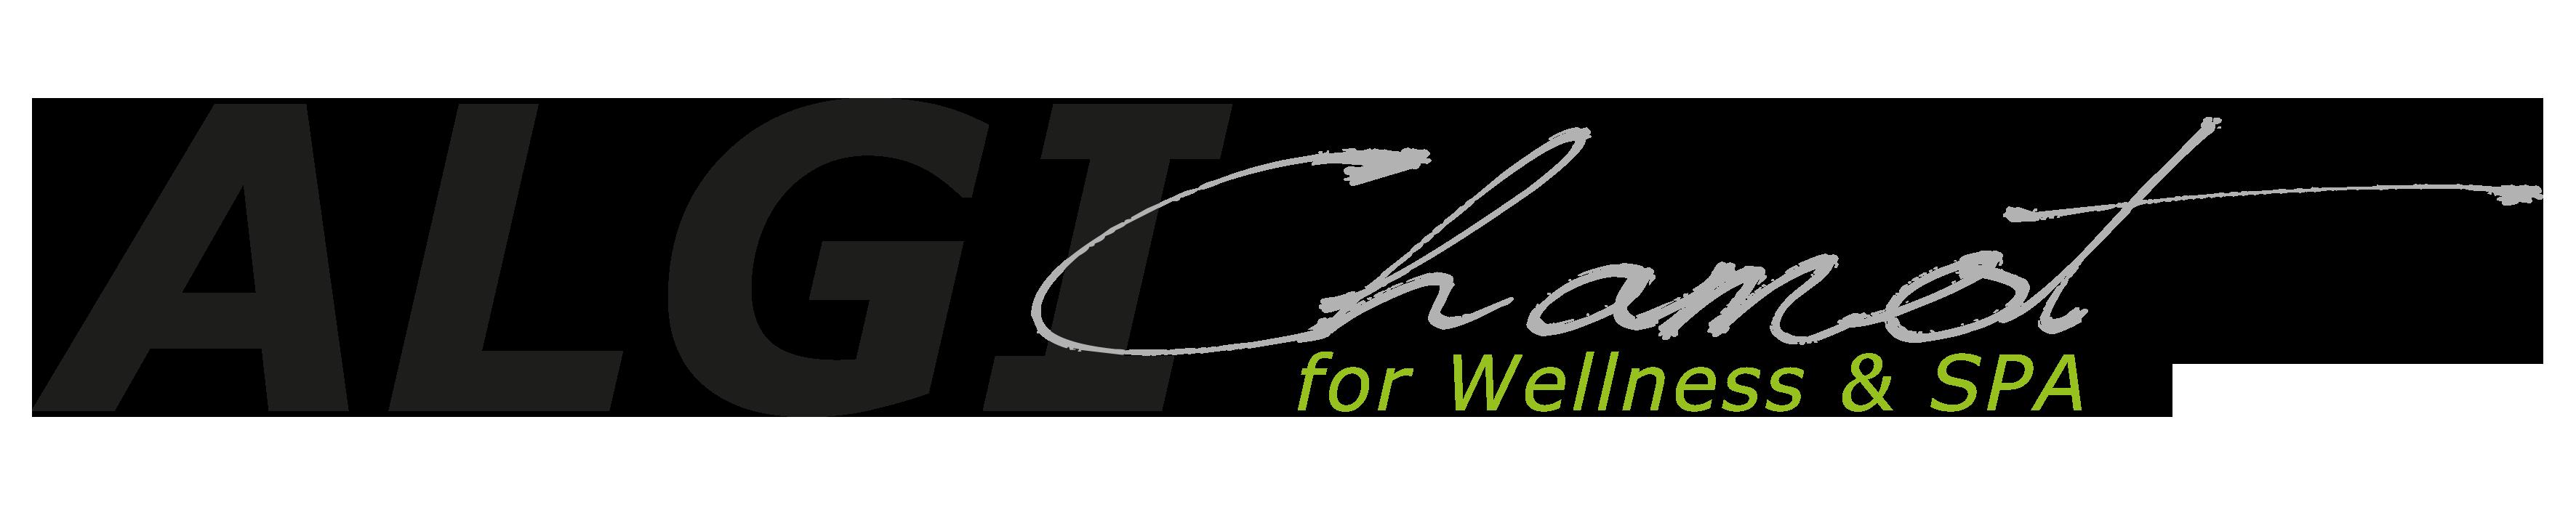 logo-AG-CHAMOT_cz_18